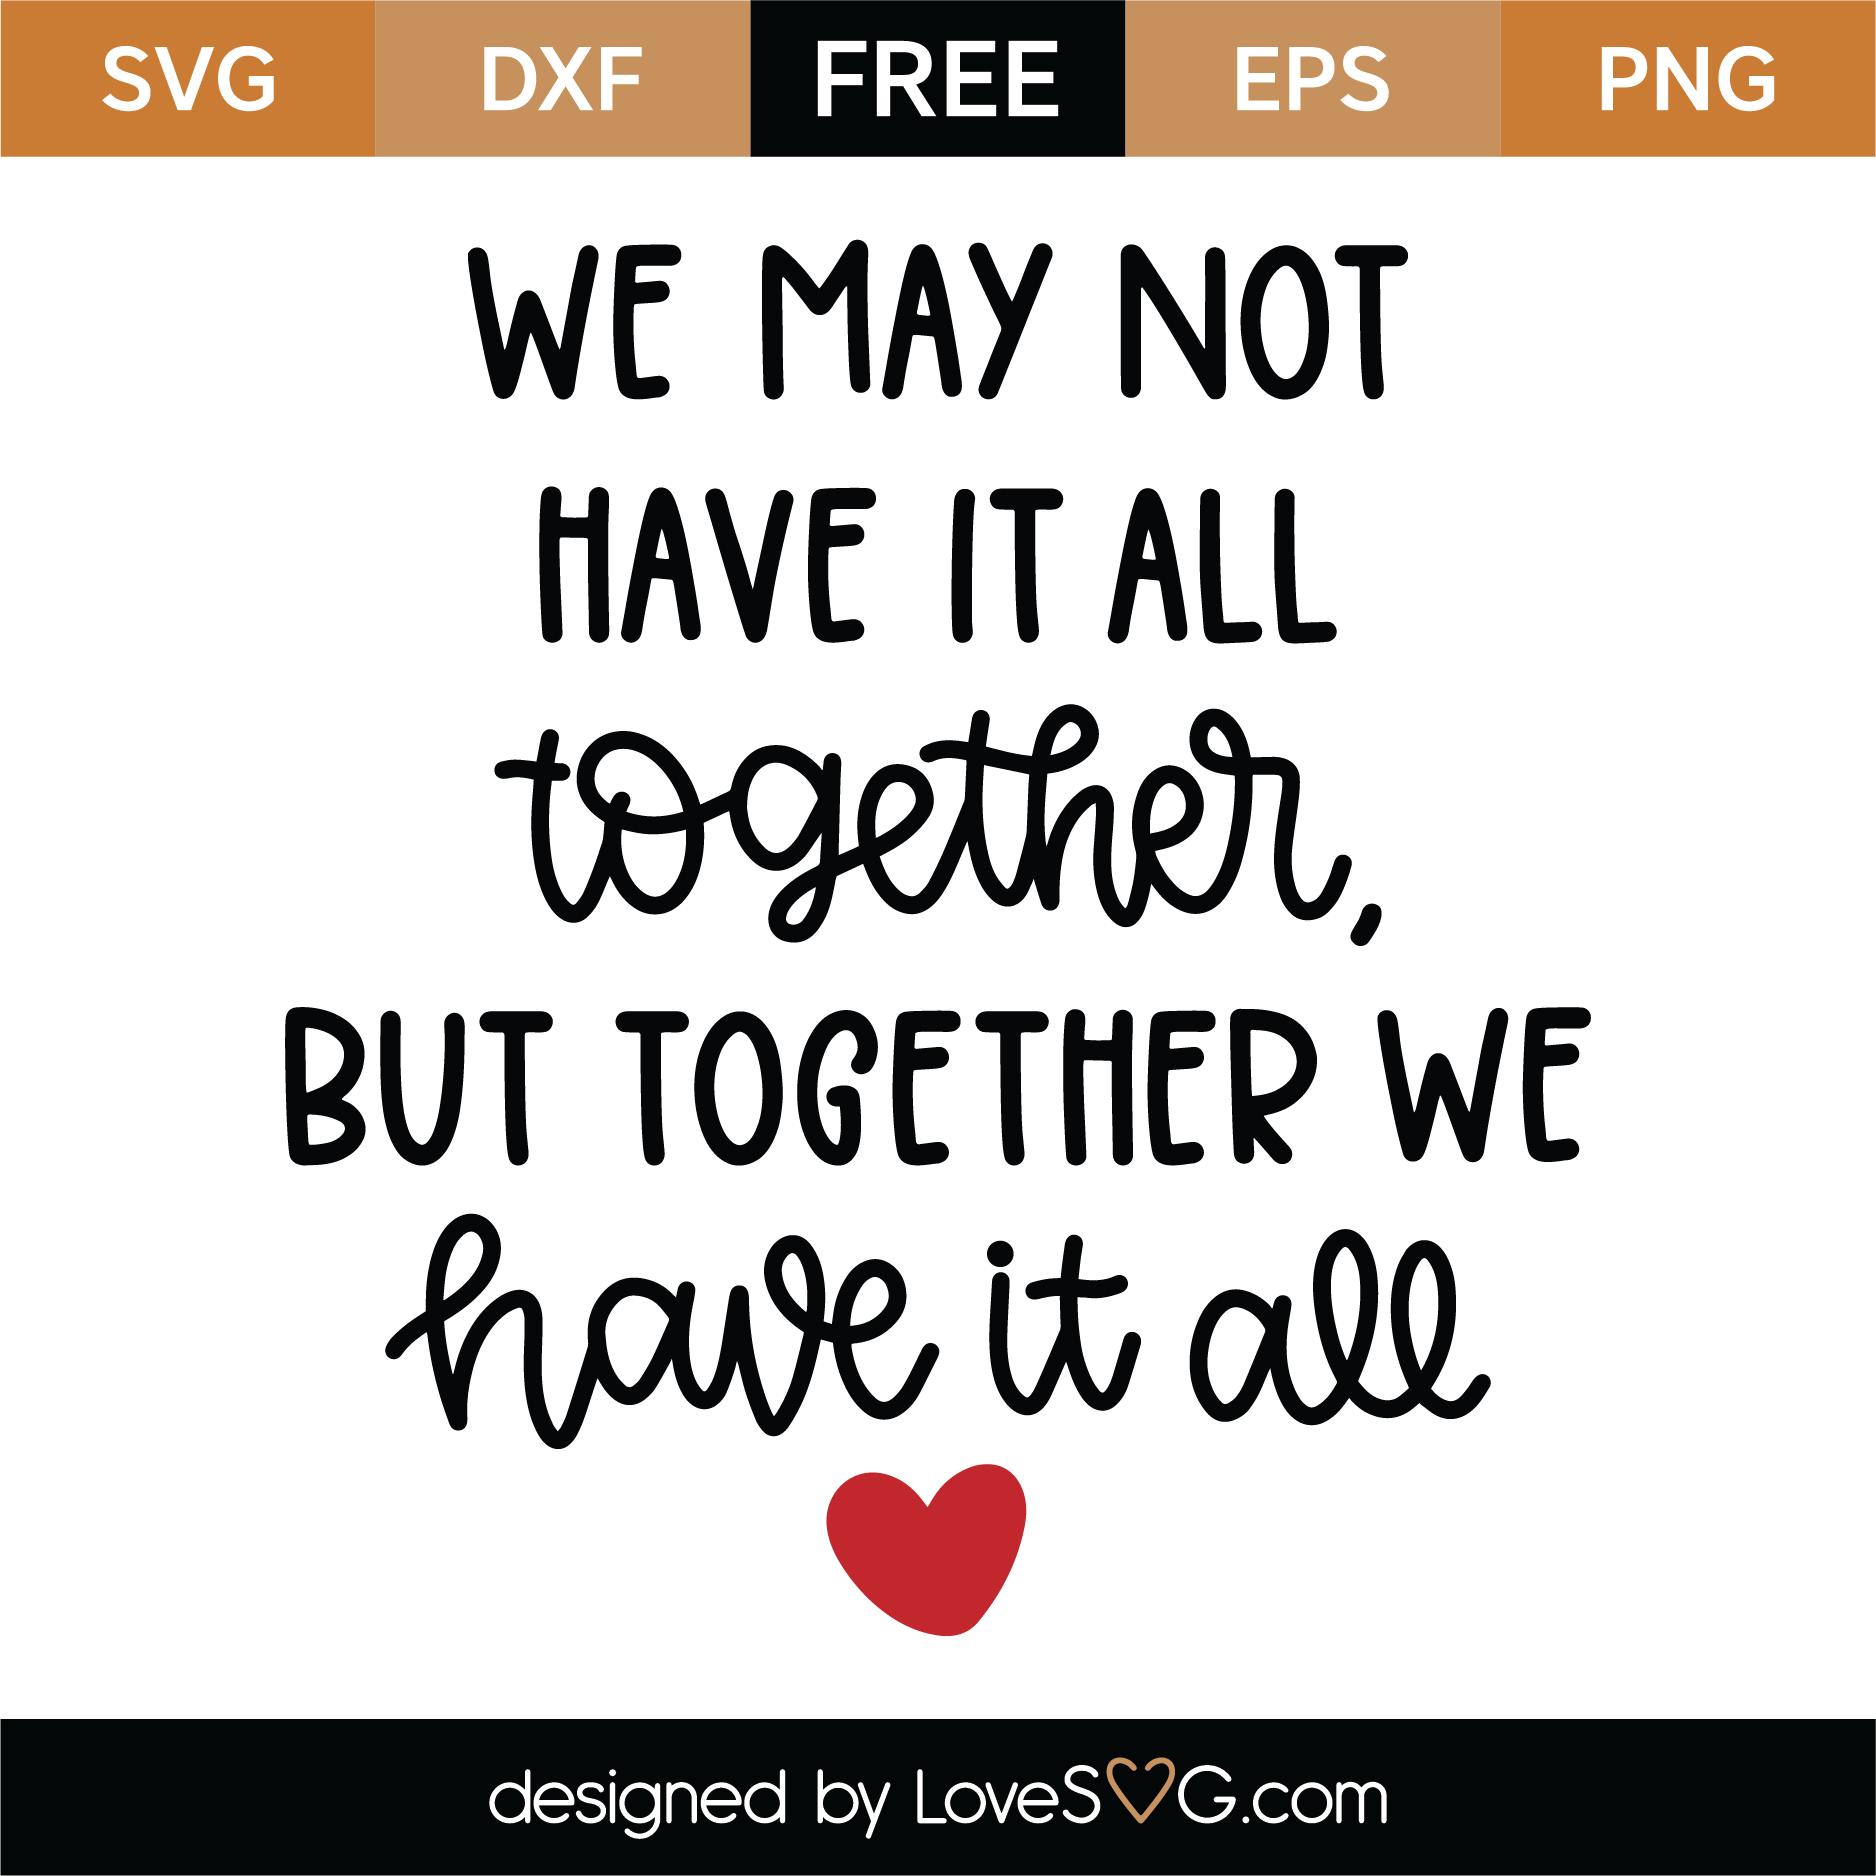 Download Free Together We Have It All SVG Cut File | Lovesvg.com